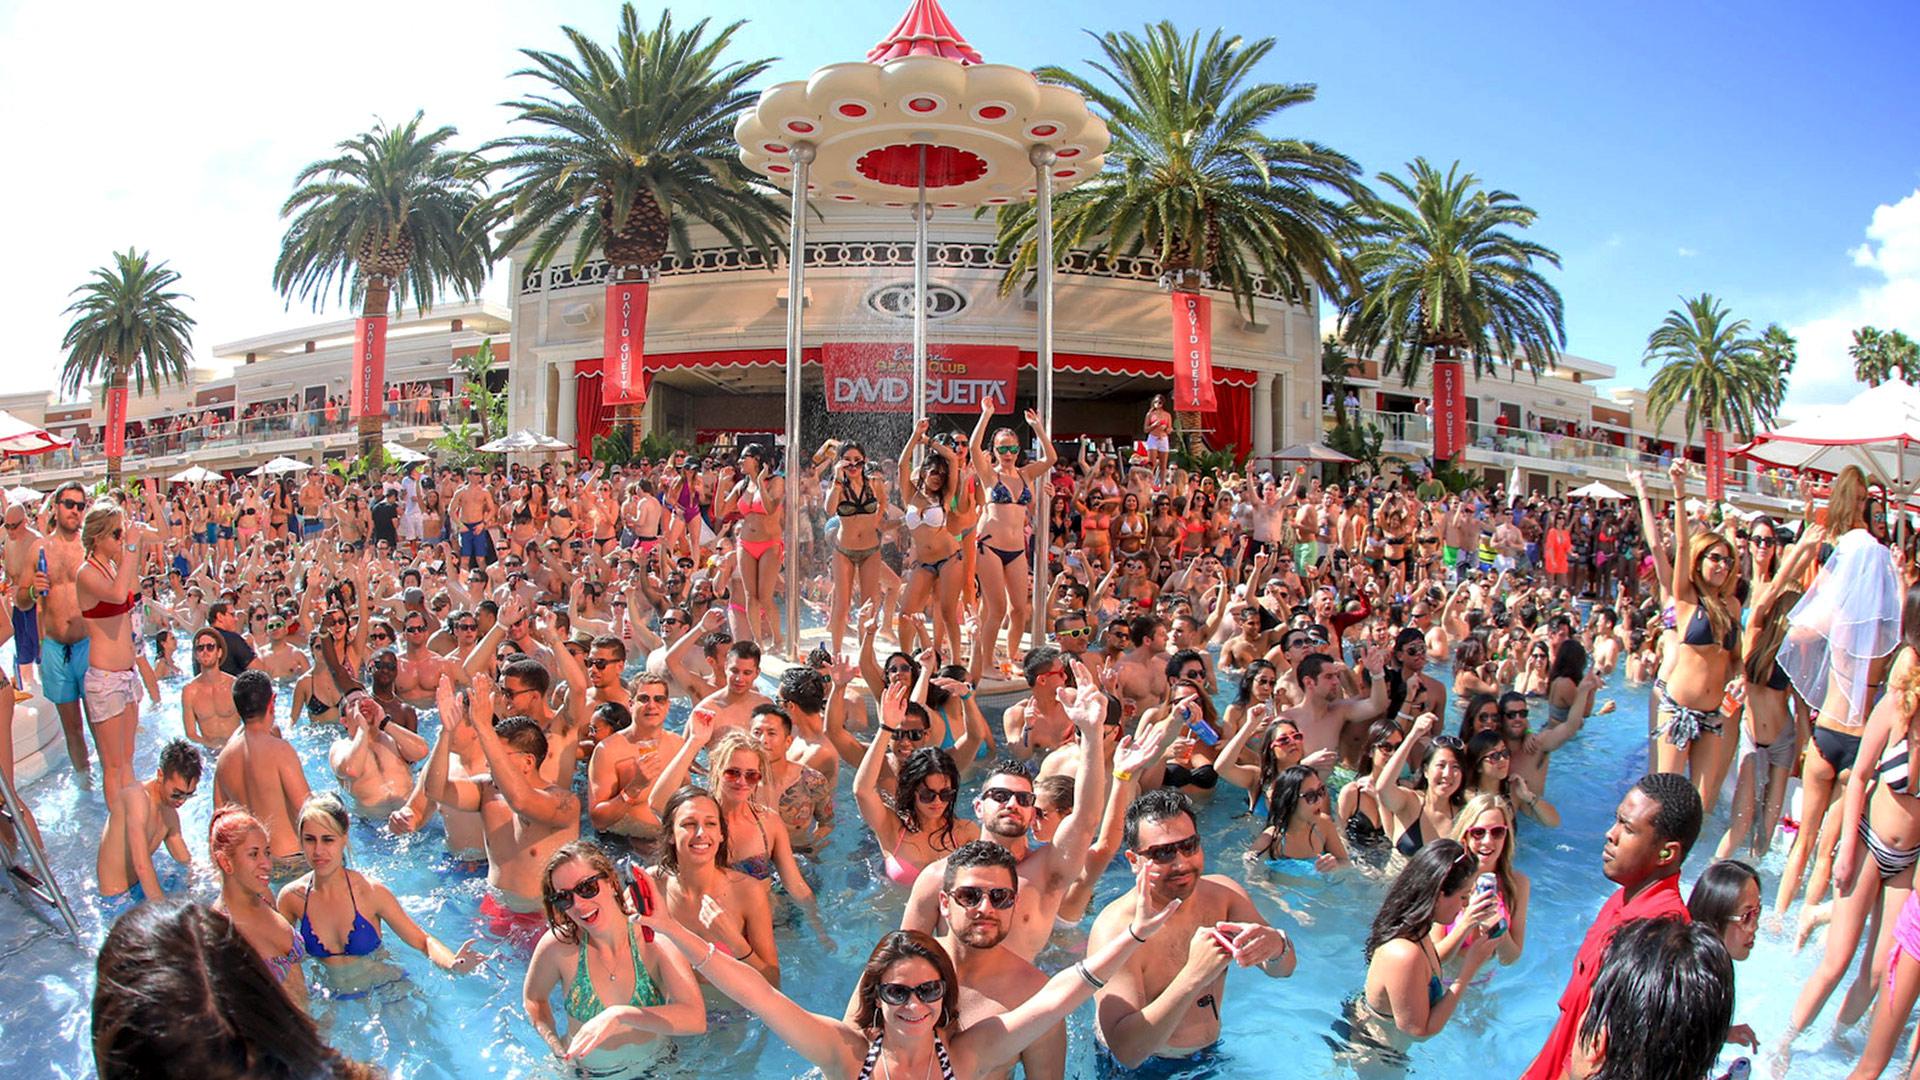 Encore Beach Club Pool Party Vegas